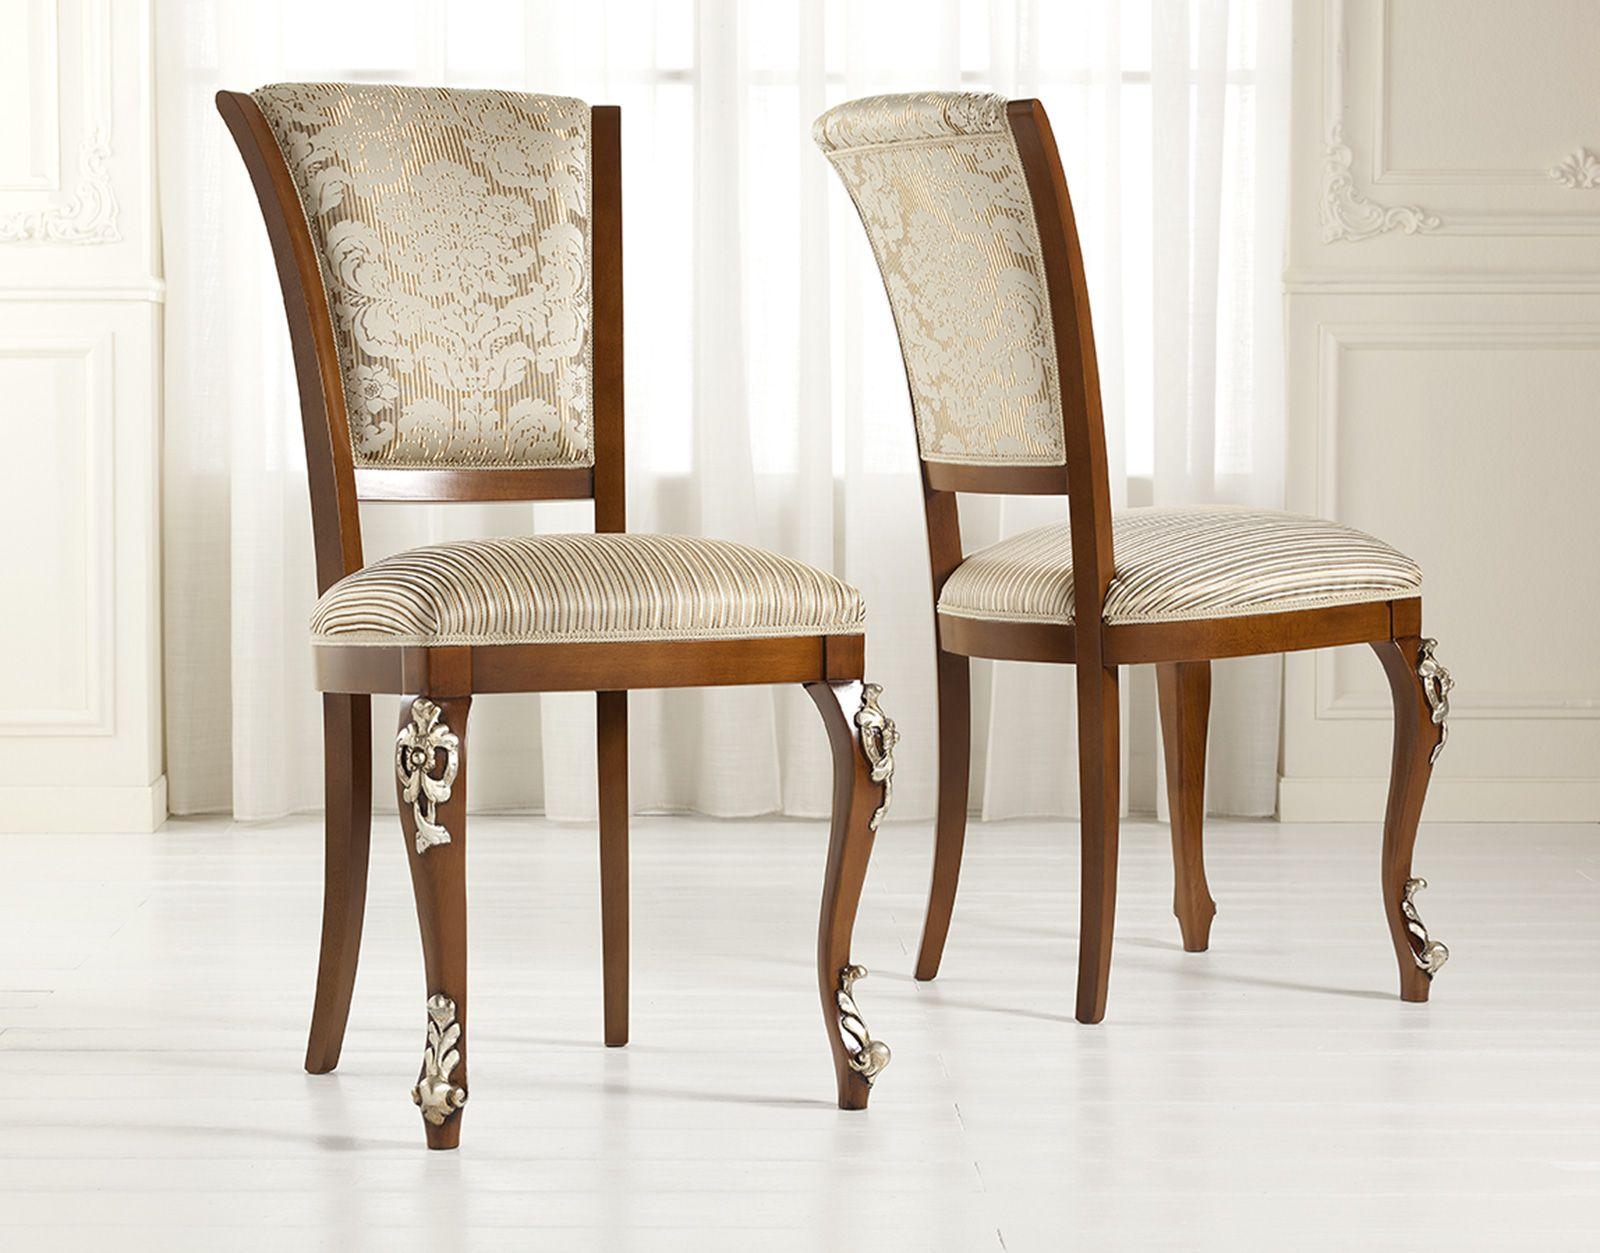 Sedie Capotavola ~ Www.cordelsrl.com #armchair #handmade product #elegant sedie